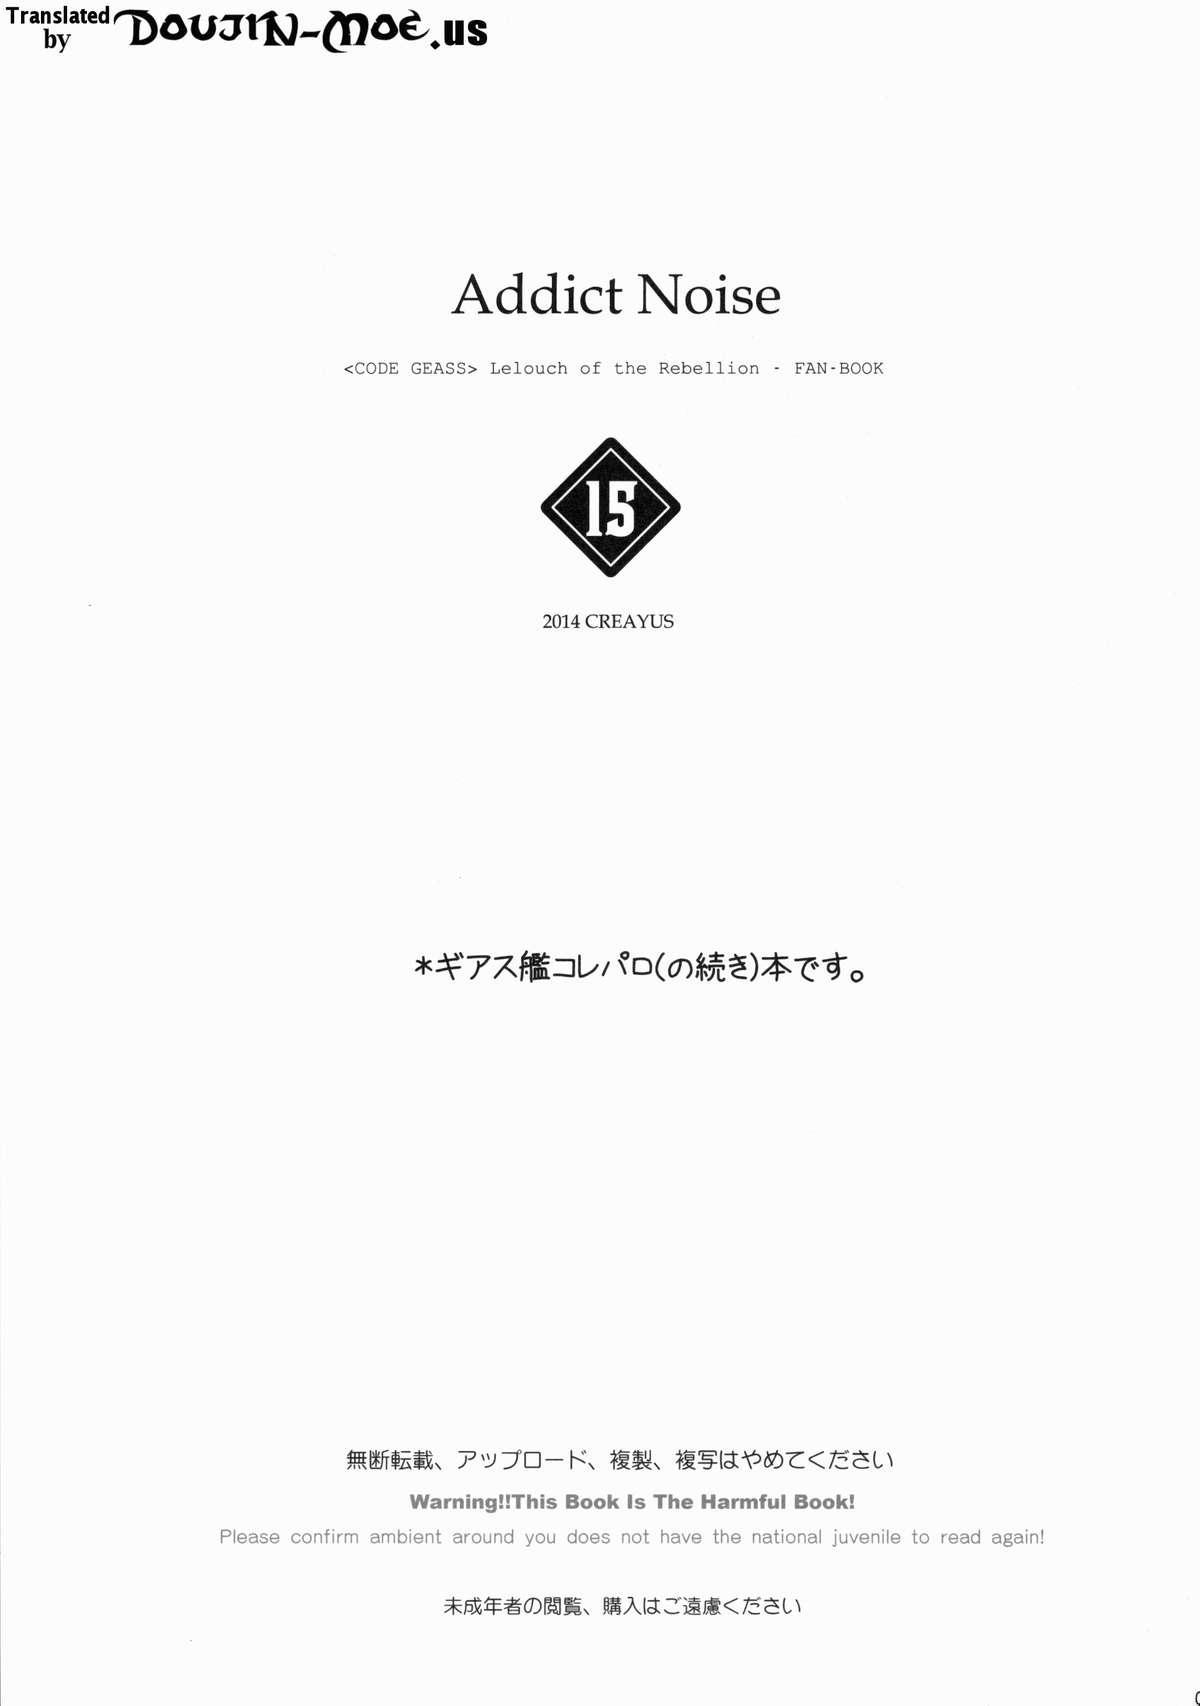 ADDICT NOISE 2